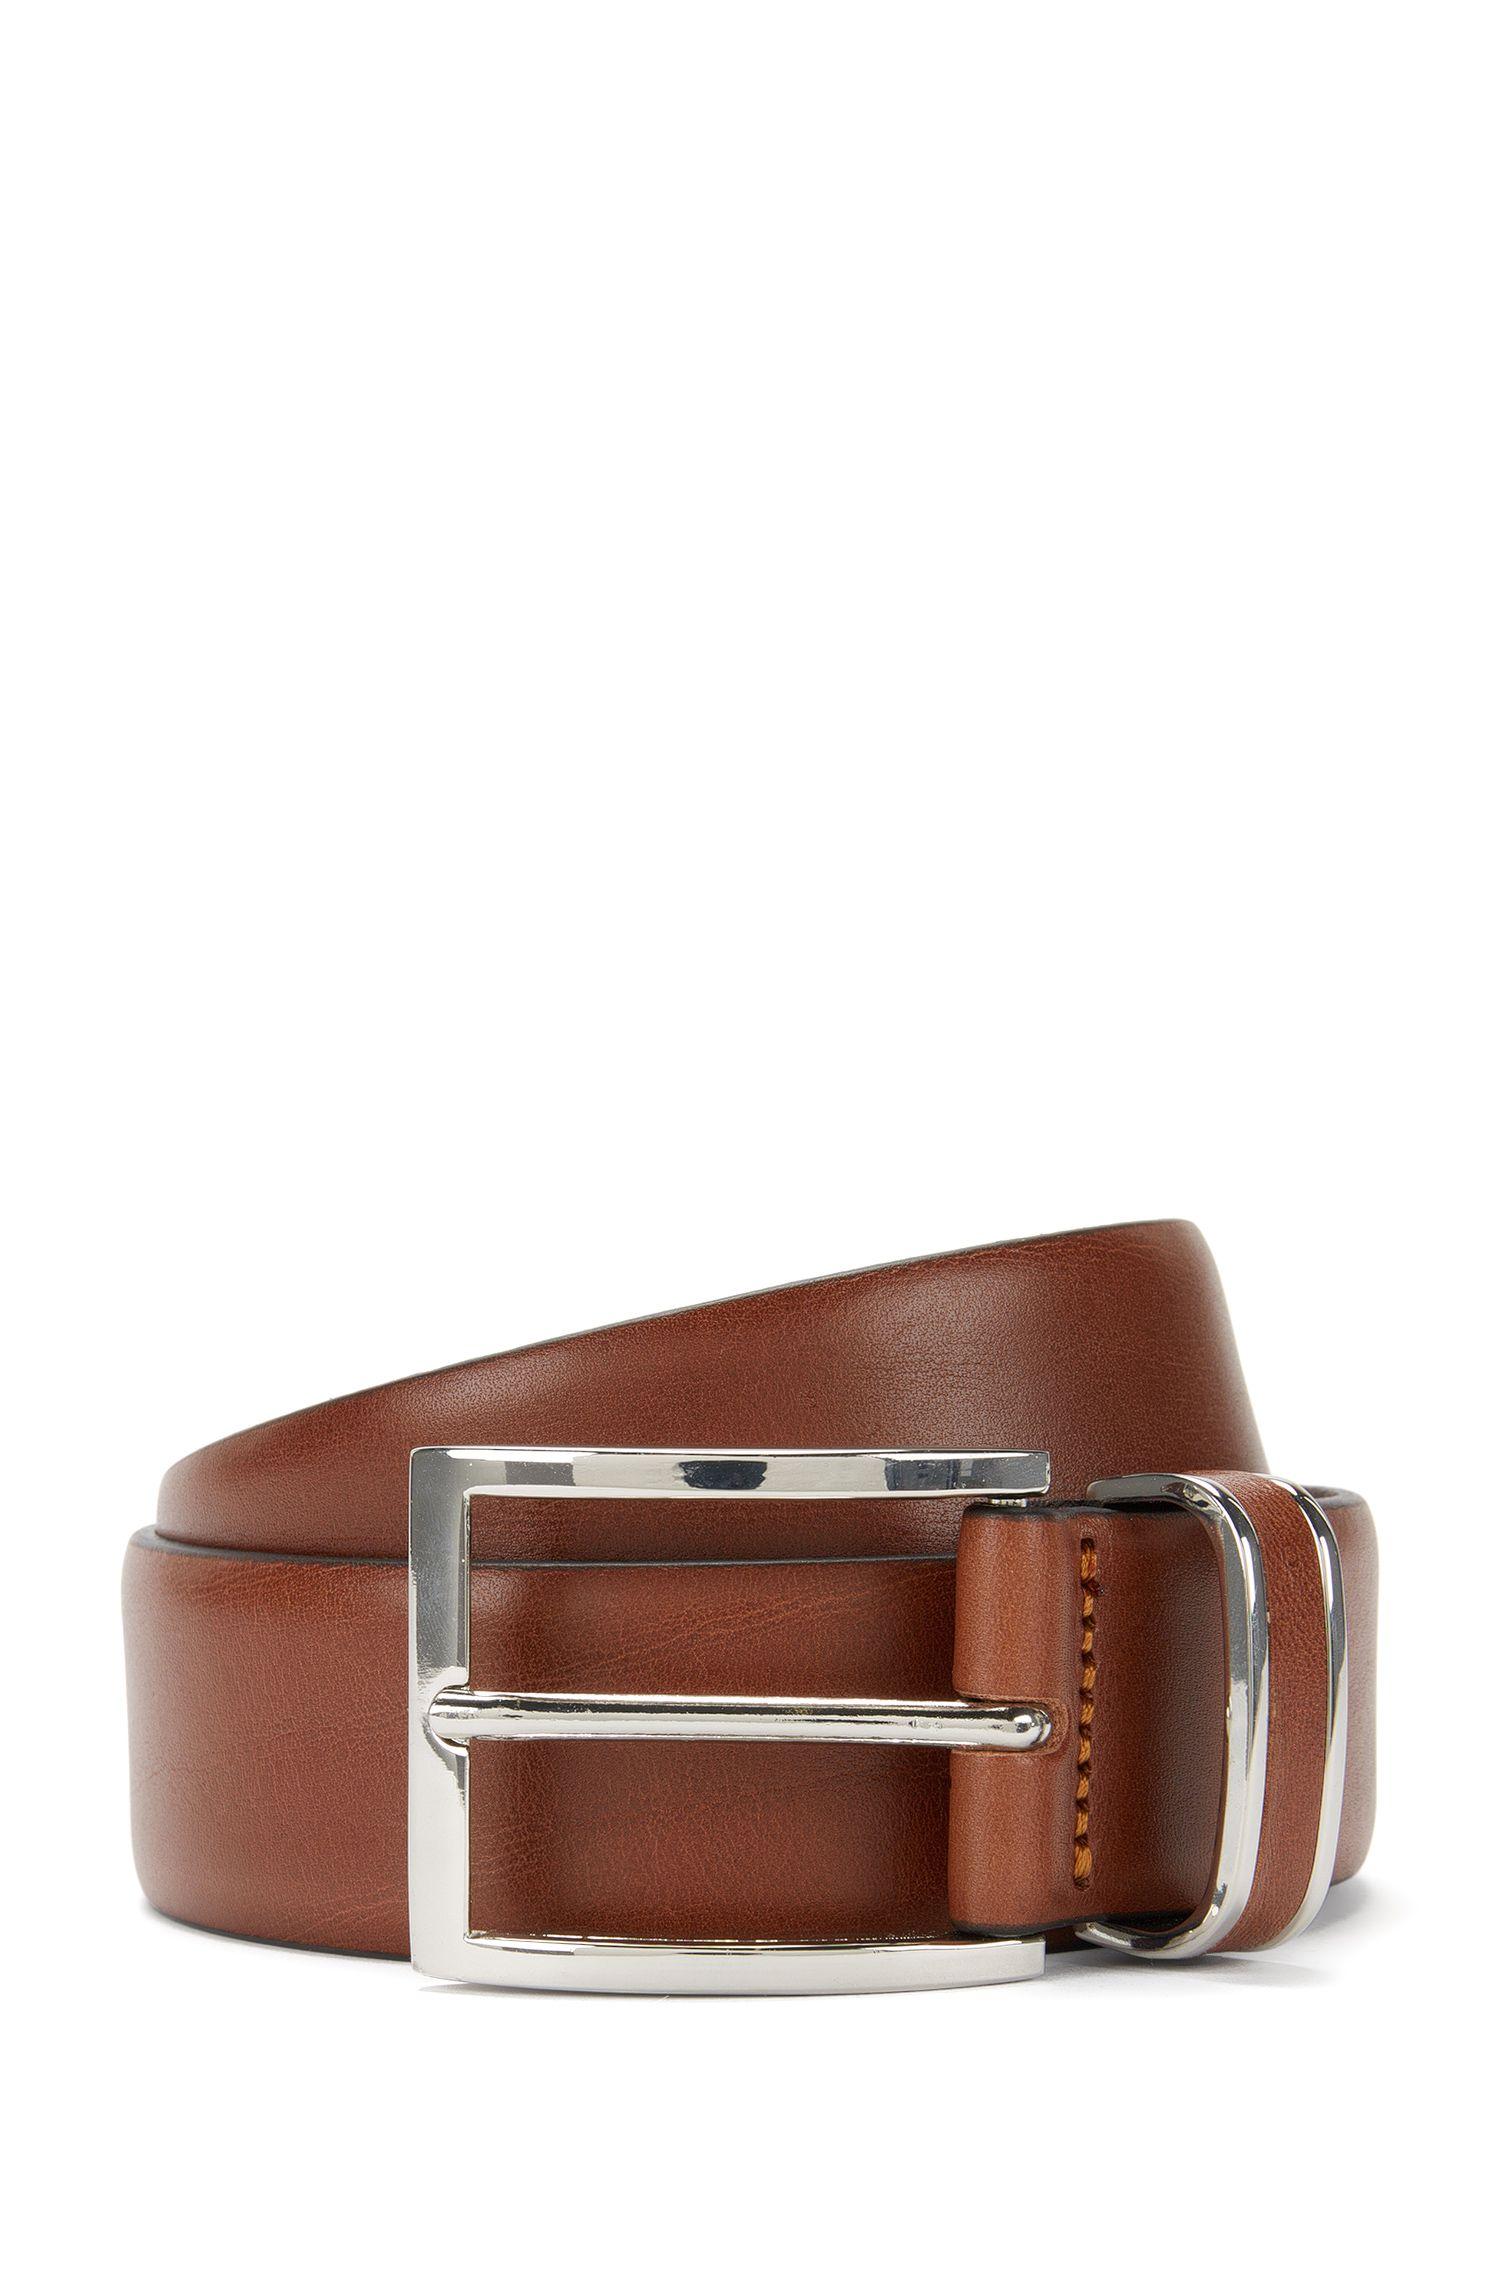 Cinturón de piel con trabilla con ribete metálico